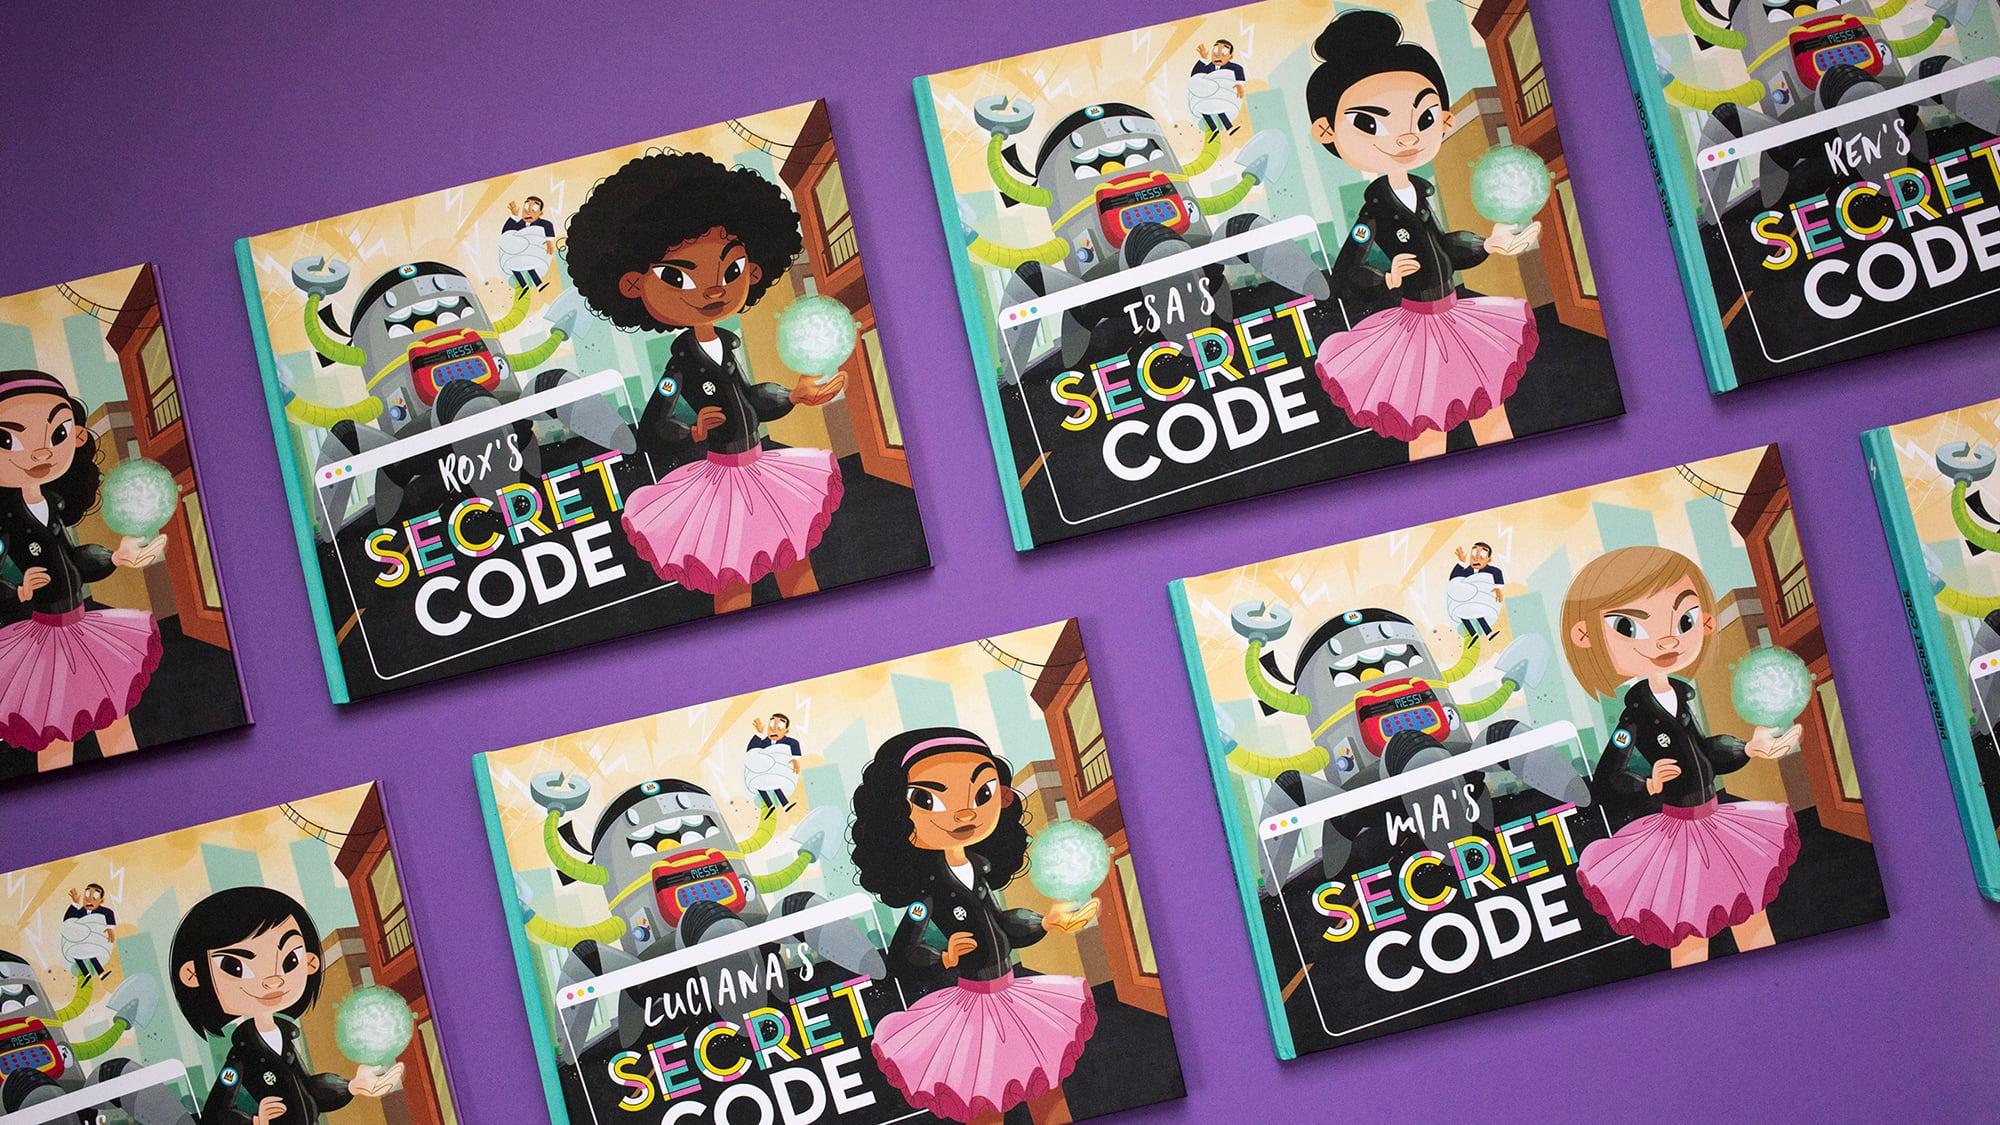 secret code mara lecocq girlboss rox customizable children's book tech stem collection_2000px_optim.jpg